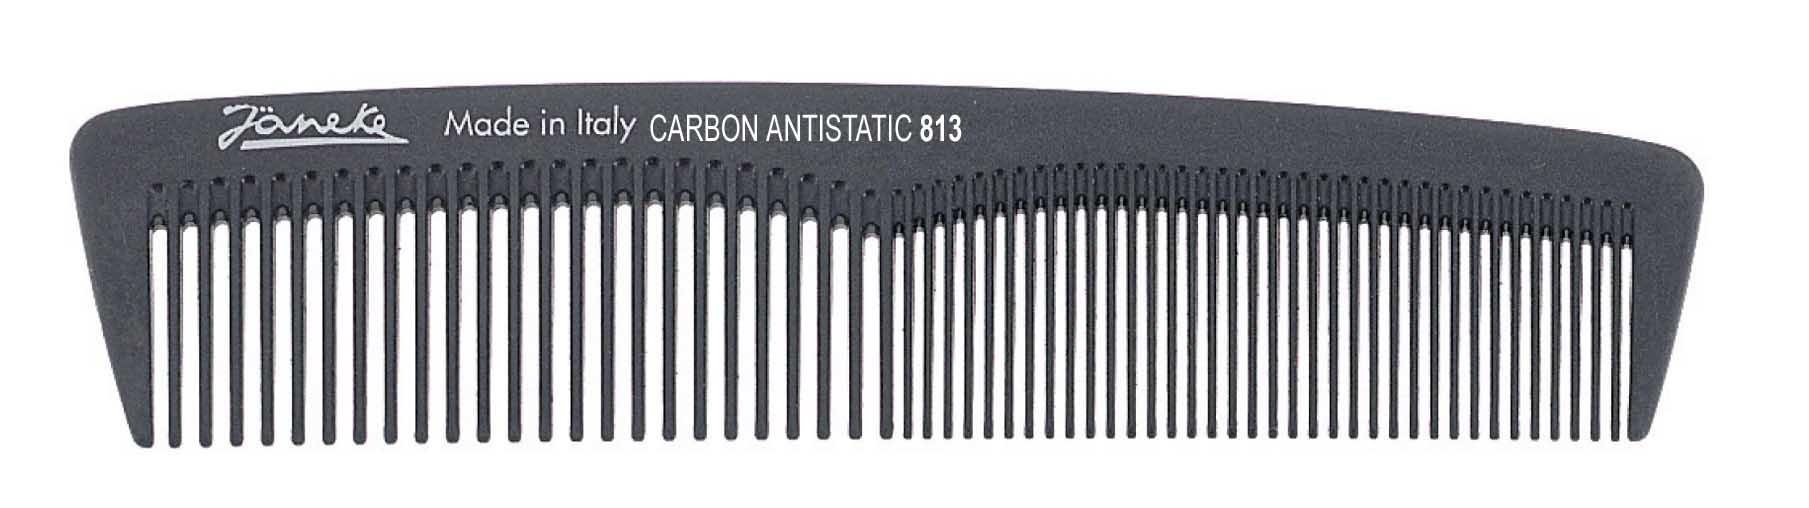 Pocket comb 13,5 cm Cod. 55813